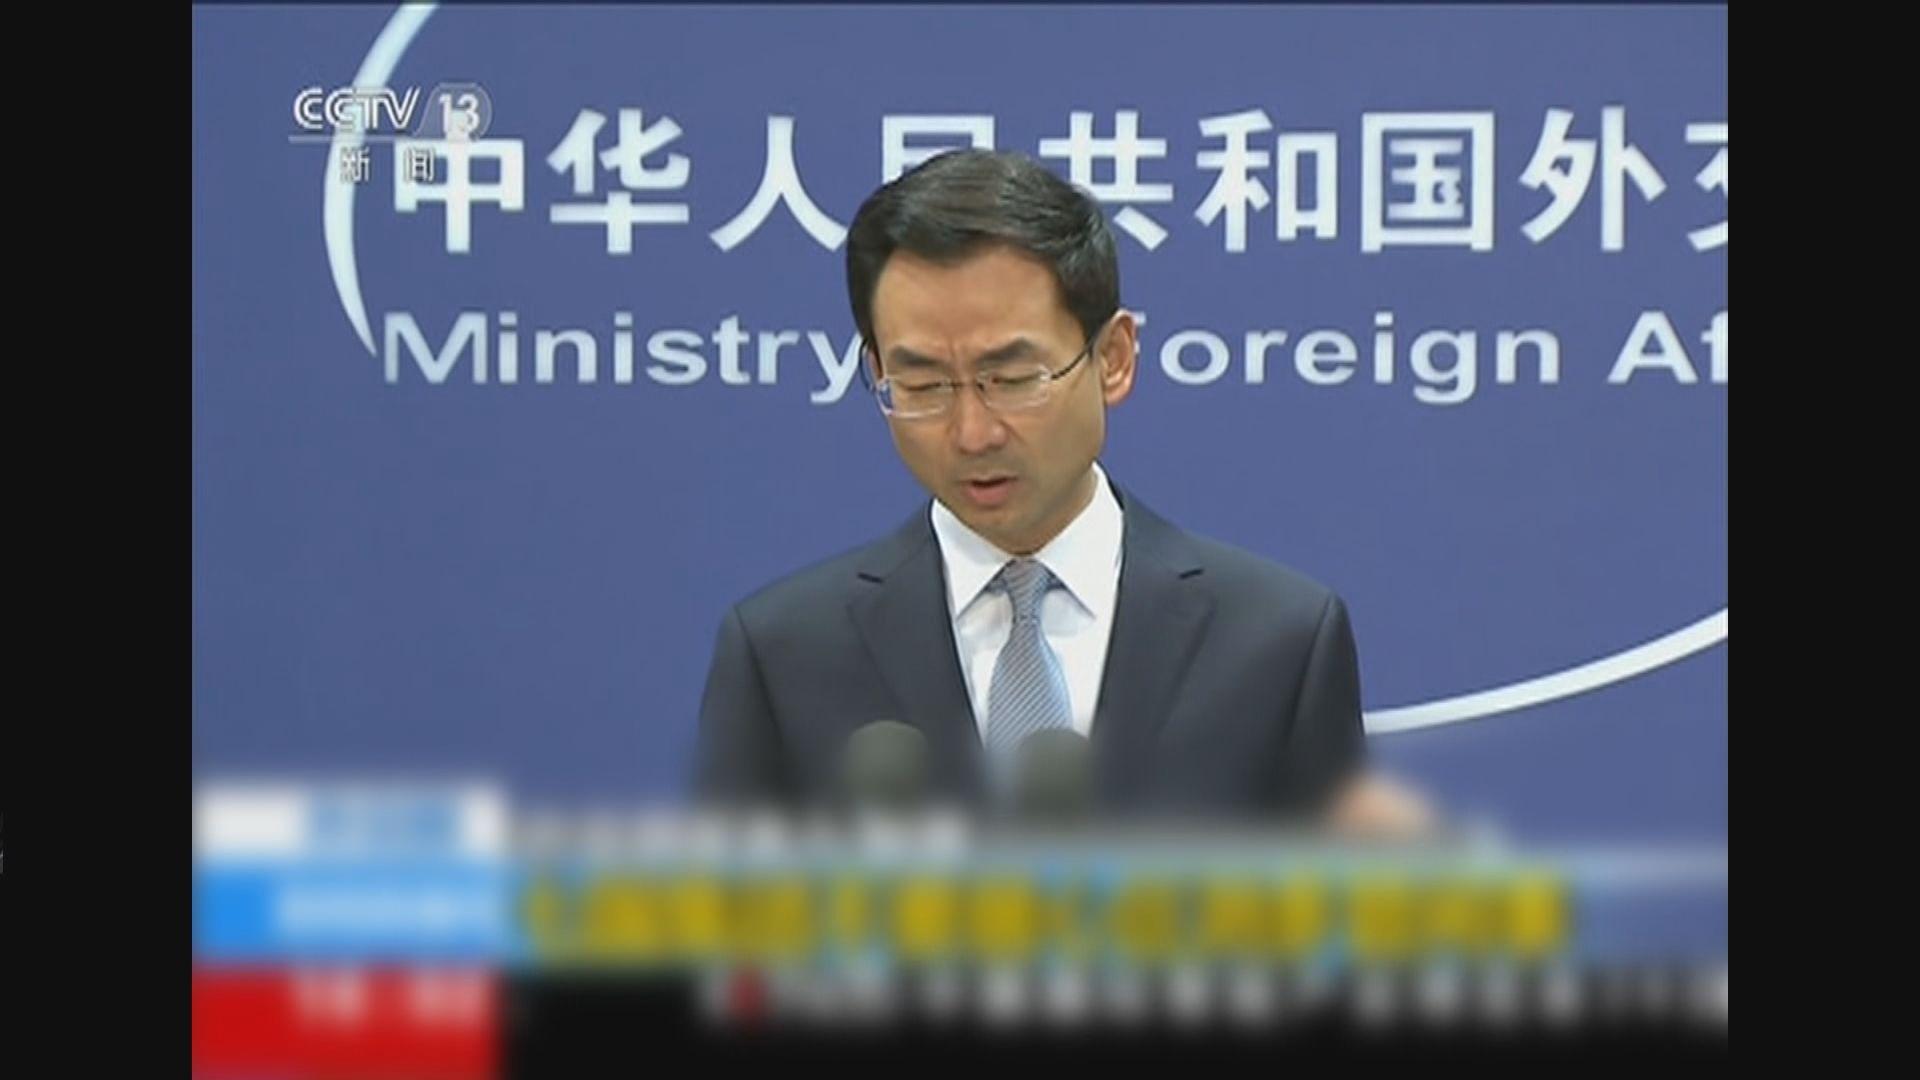 外交部:任何國家組織無權假借中英聯合聲明干涉香港事務